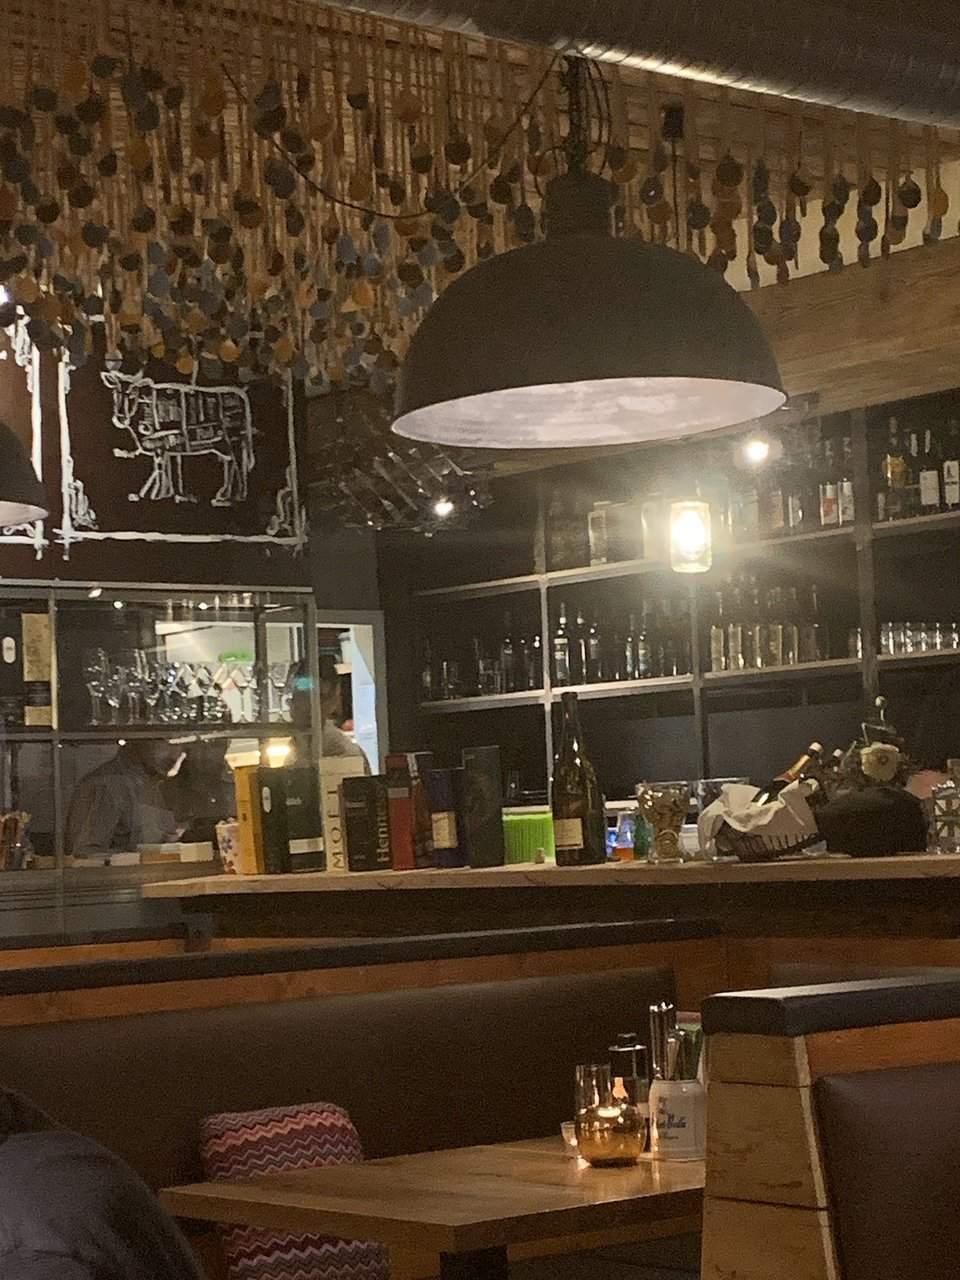 restaurant zoologischer garten schon 10 besten restaurants in hof 2020 mit bildern of restaurant zoologischer garten